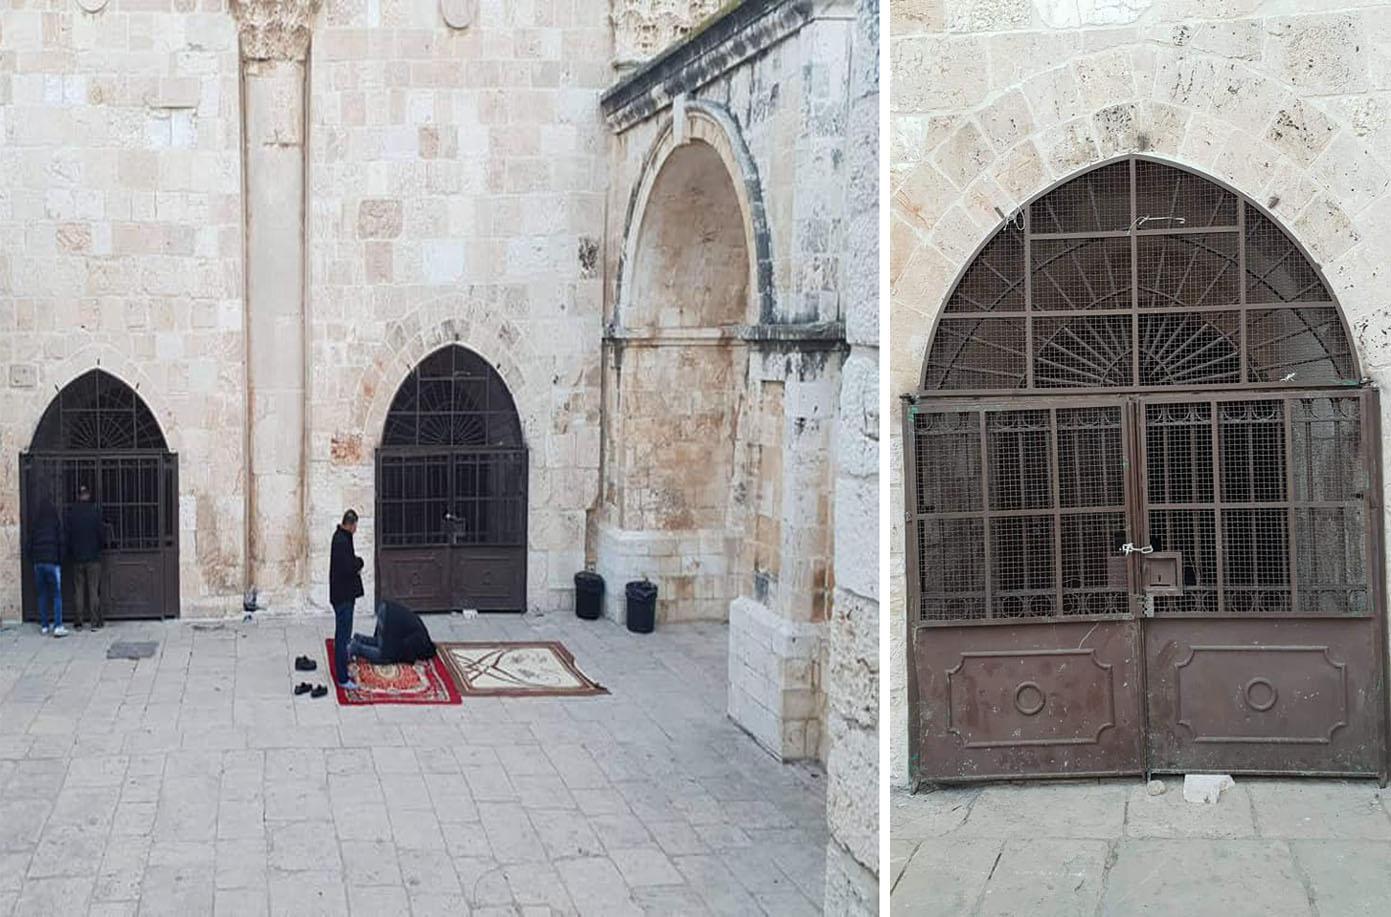 مقبوضہ بیت المقدس: قابض صہیونی انتظامیہ نے مسجداقصیٰ سے متصل مصلیٰ بابِ رحمت کو ایک بار پھر تالا ڈال کر نمازیوں کے لیے بند کردیا ہے